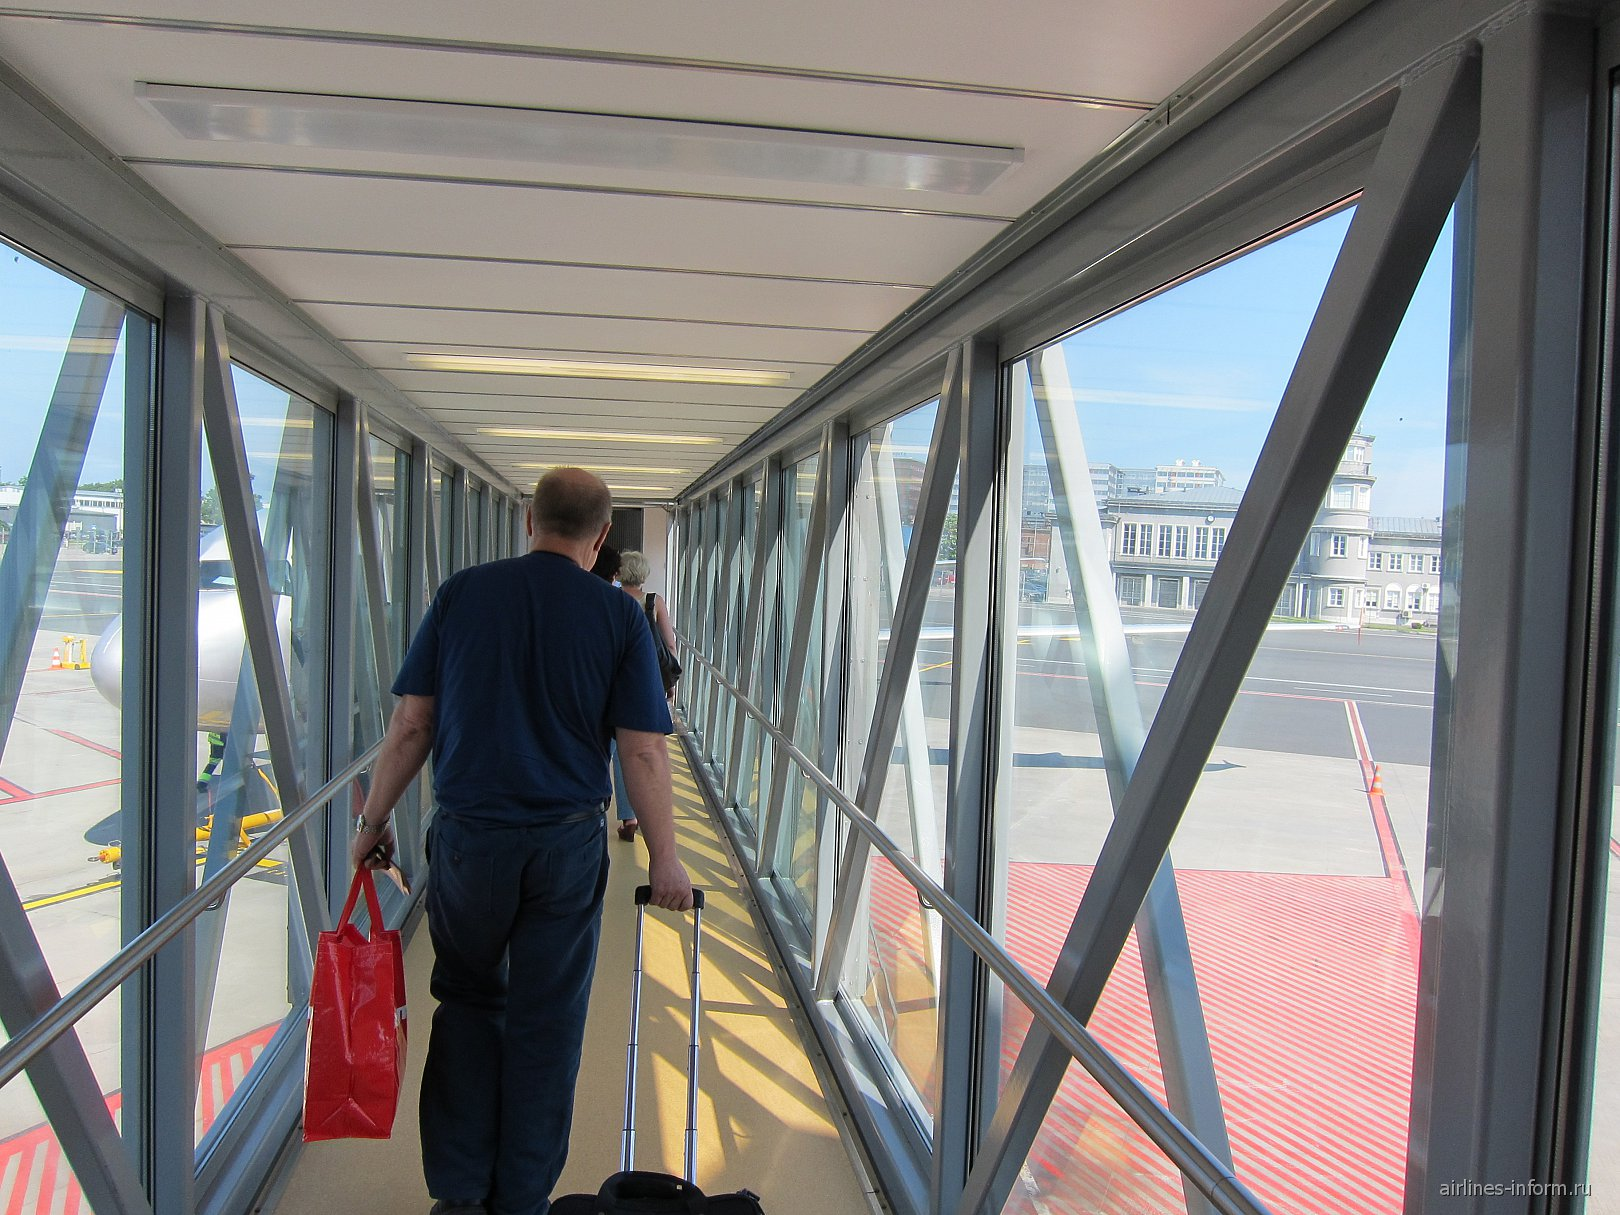 Посадка на рейс Таллинн-Москва